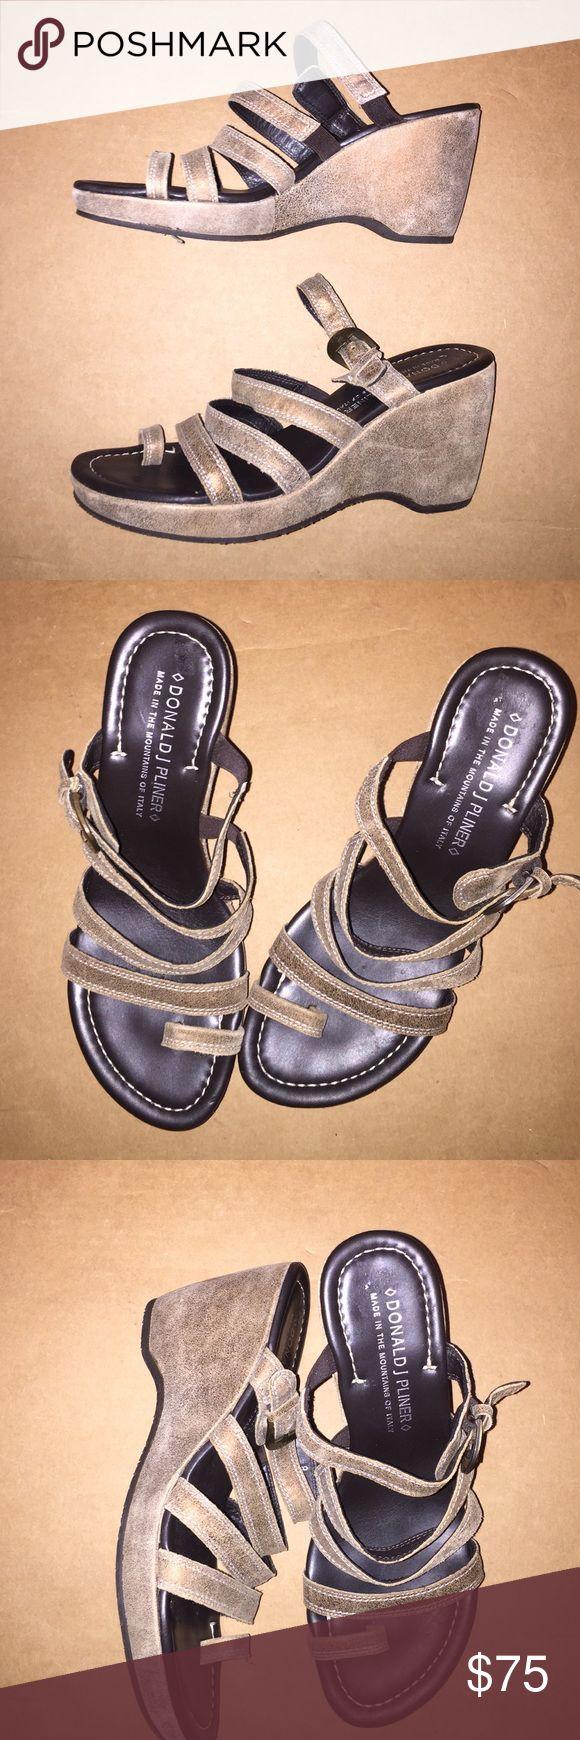 """Donald j. Pliner leather 3"""" wedges Donald j. Pliner suede leather wedges Donald J. Pliner Shoes Wedges"""